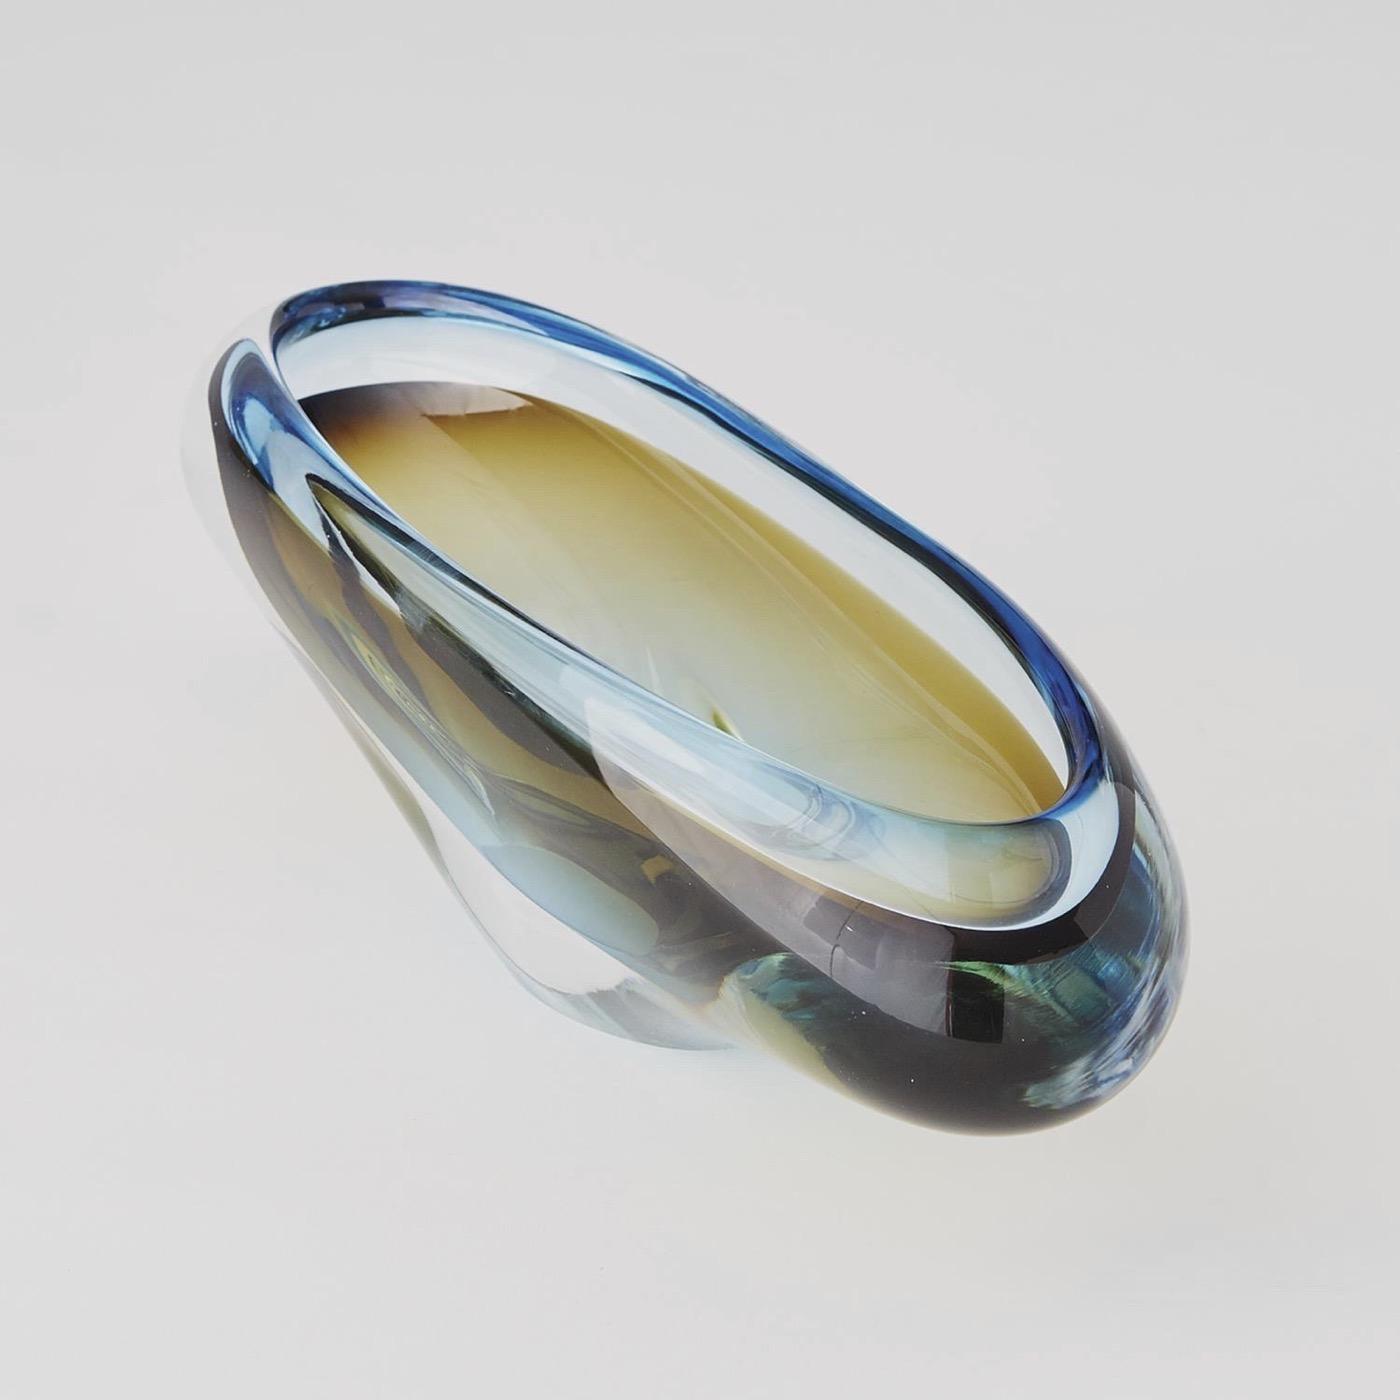 Caruso Glass Bowl | Blue & Gold